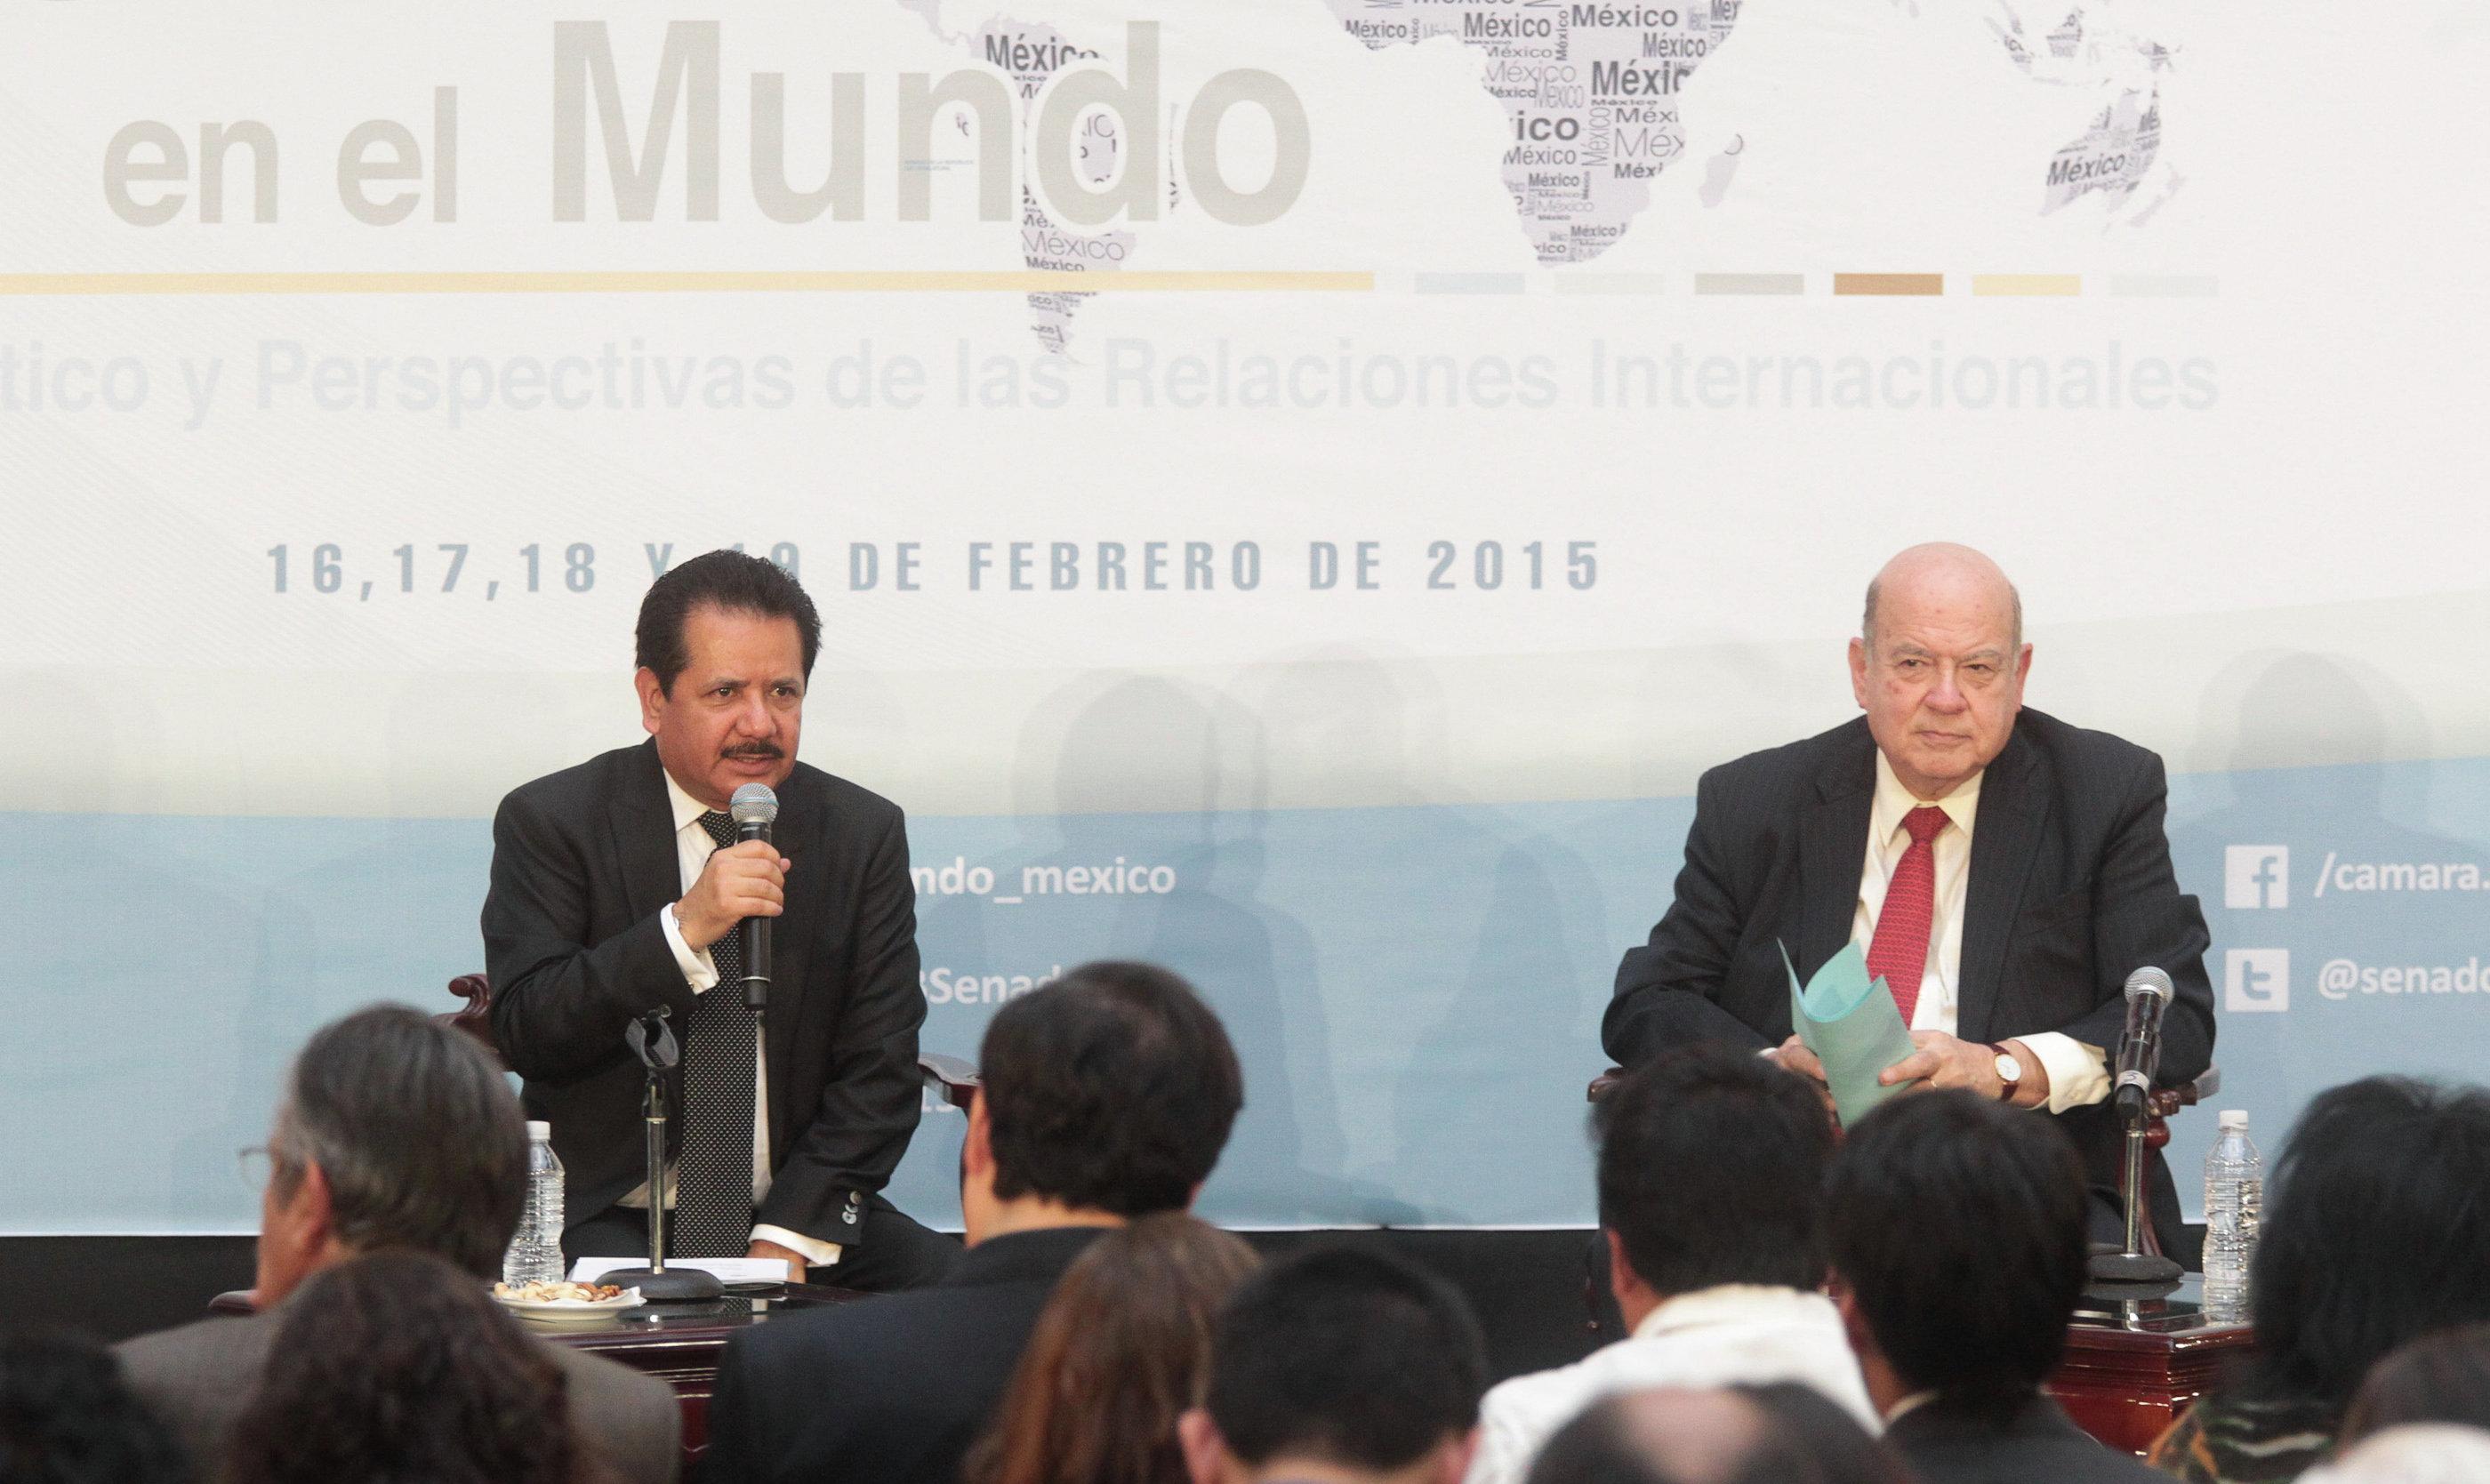 Secretario general de la Organización de Estados Americanos, Dr. José Miguel Insulza (dcha.) y vicepresidente de la Mesa Directiva del Senado de la República, Luis Sánchez Jiménez